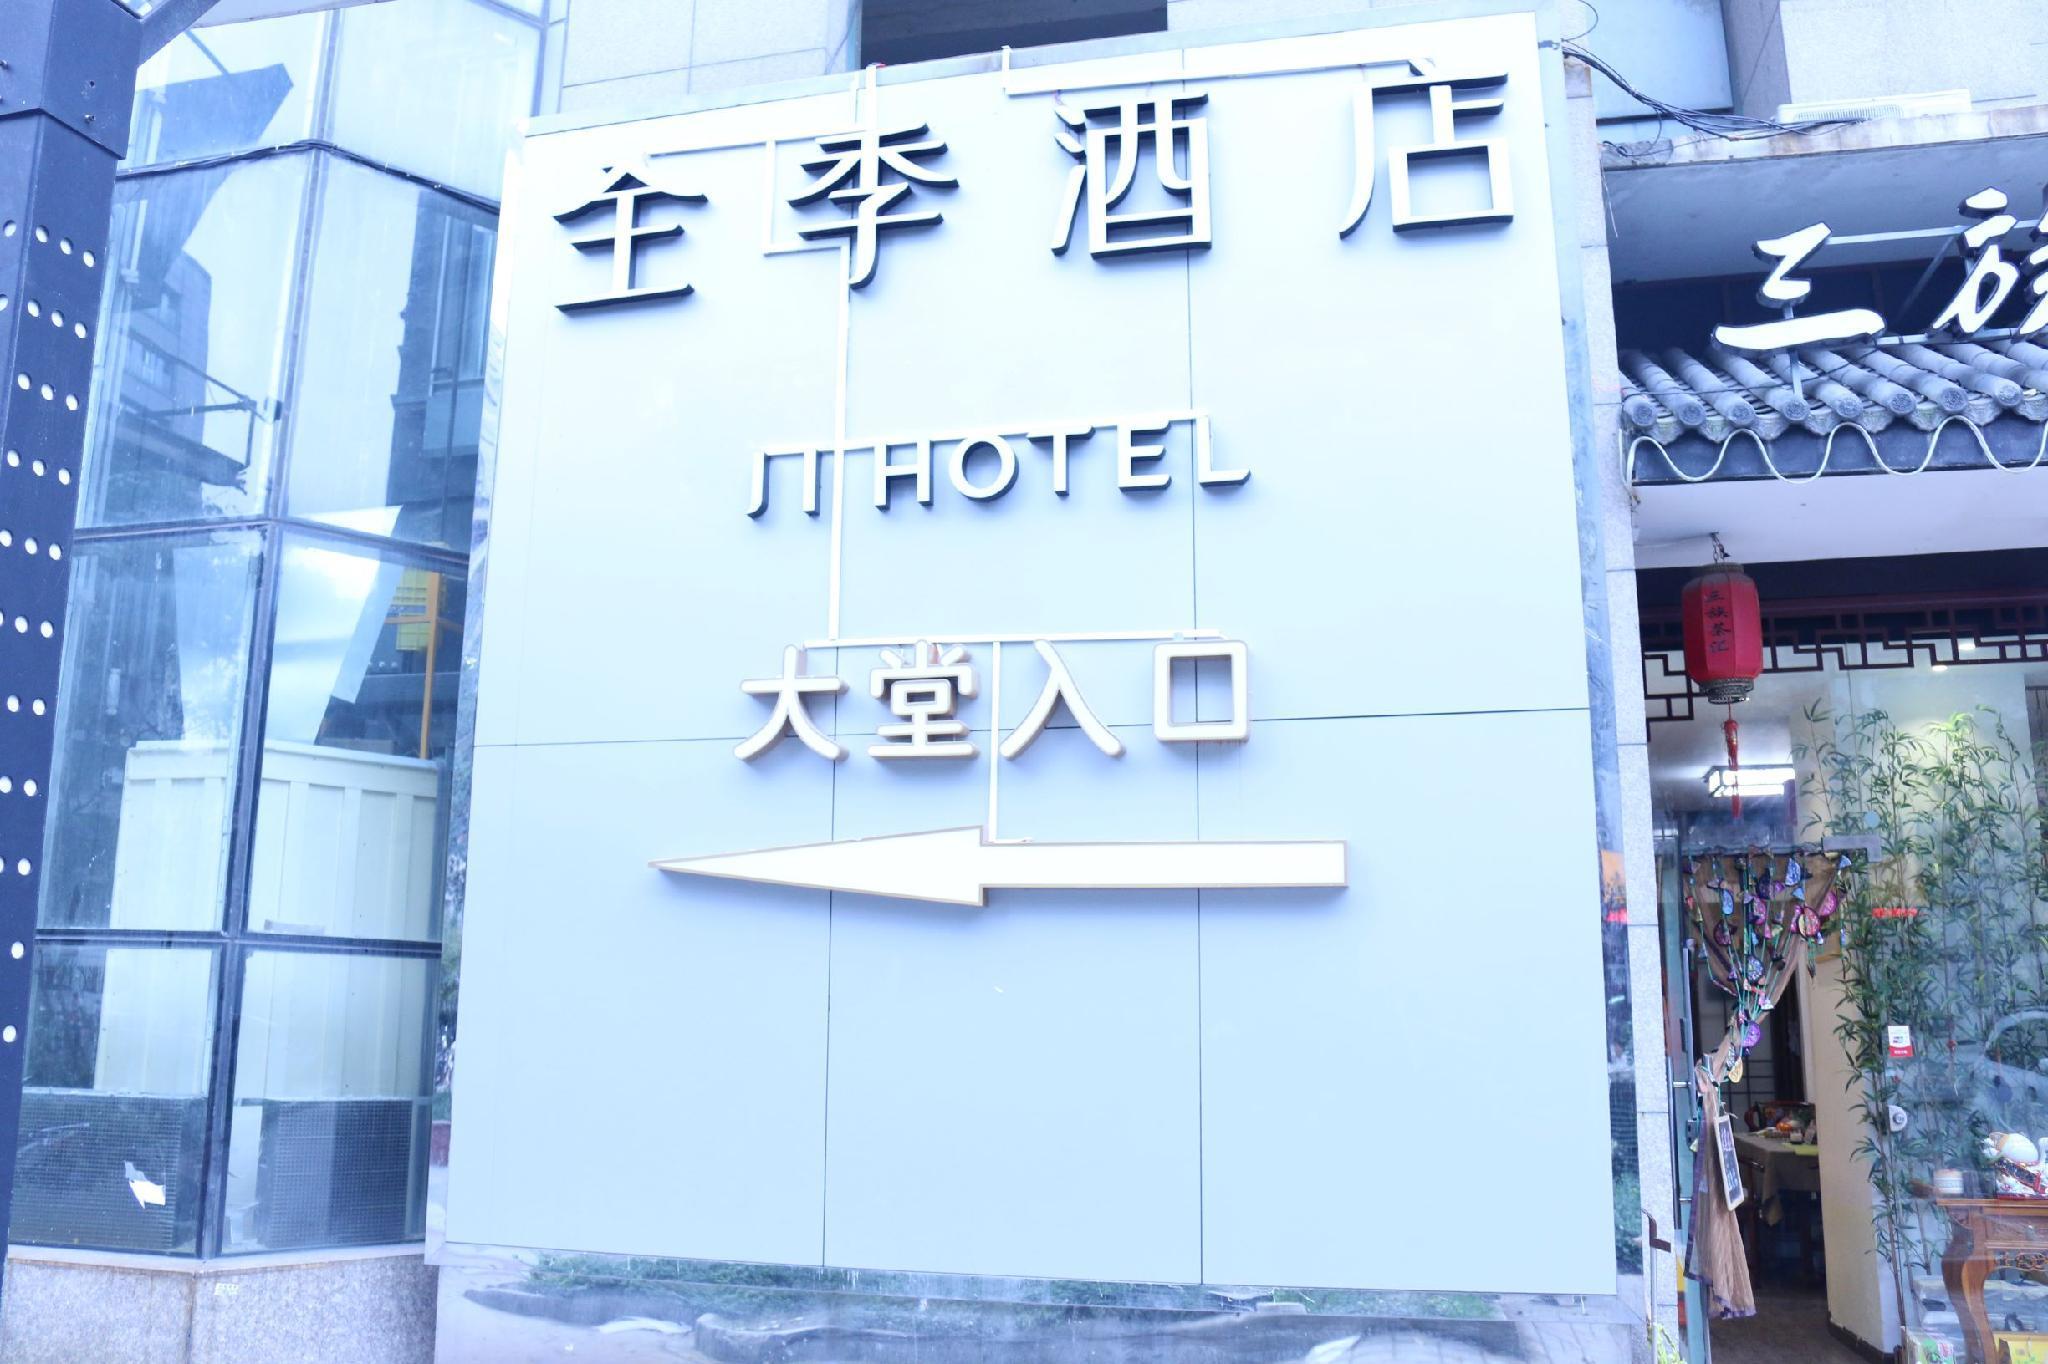 JI Hotel Shanghai Wujiaochang Wanda Plaza